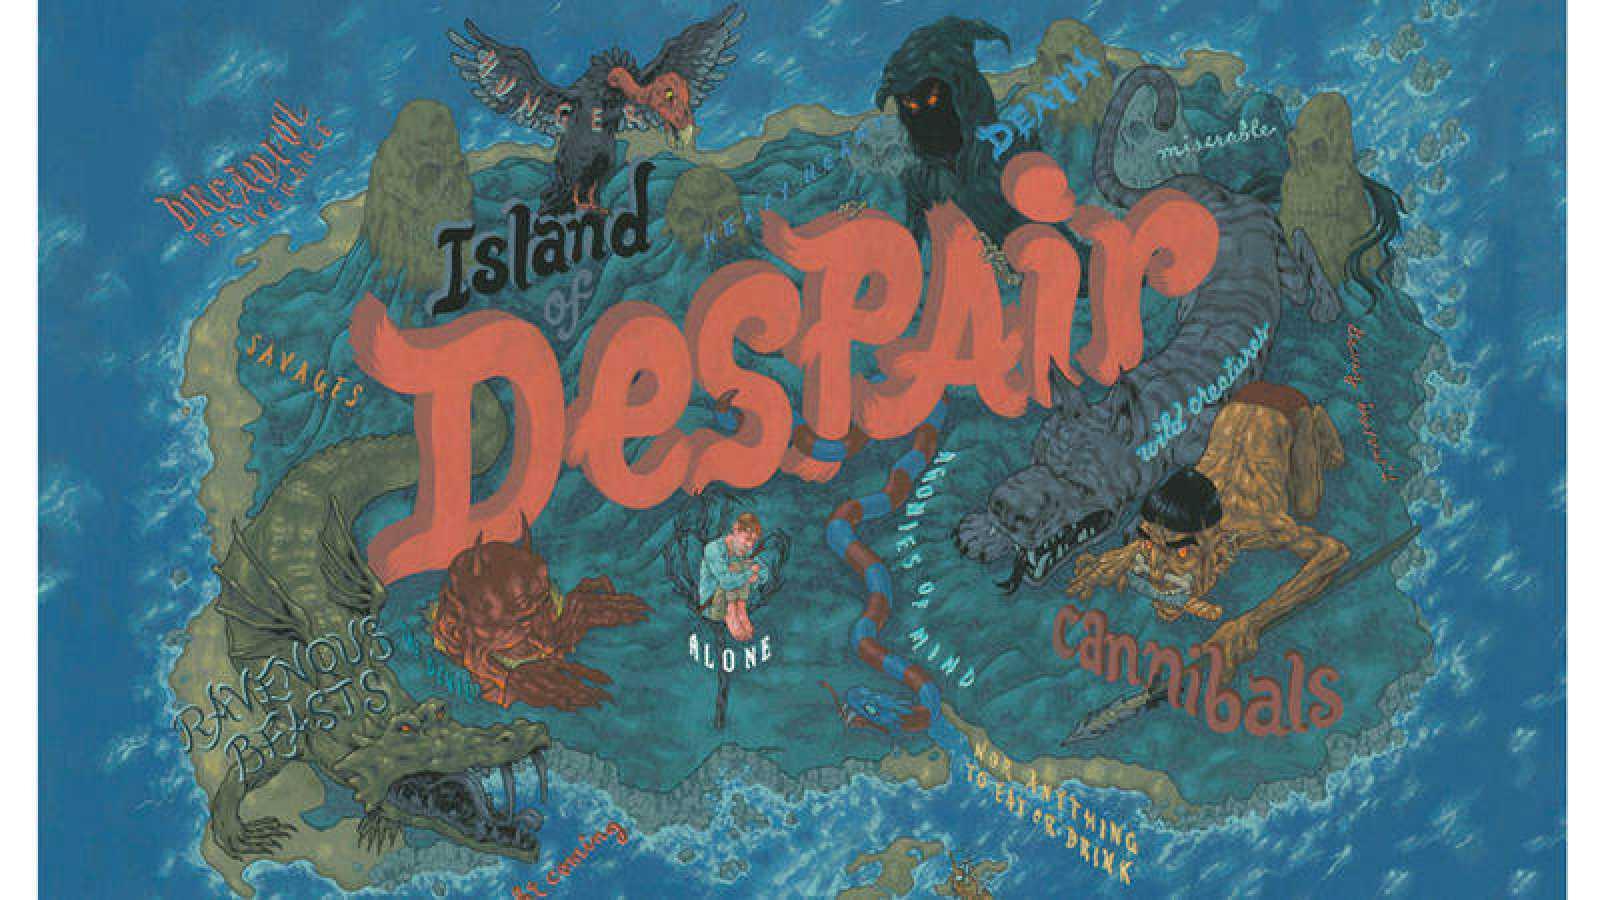 Mapa de la Isla de la Desesperanza de 'Robinson Crusoe'